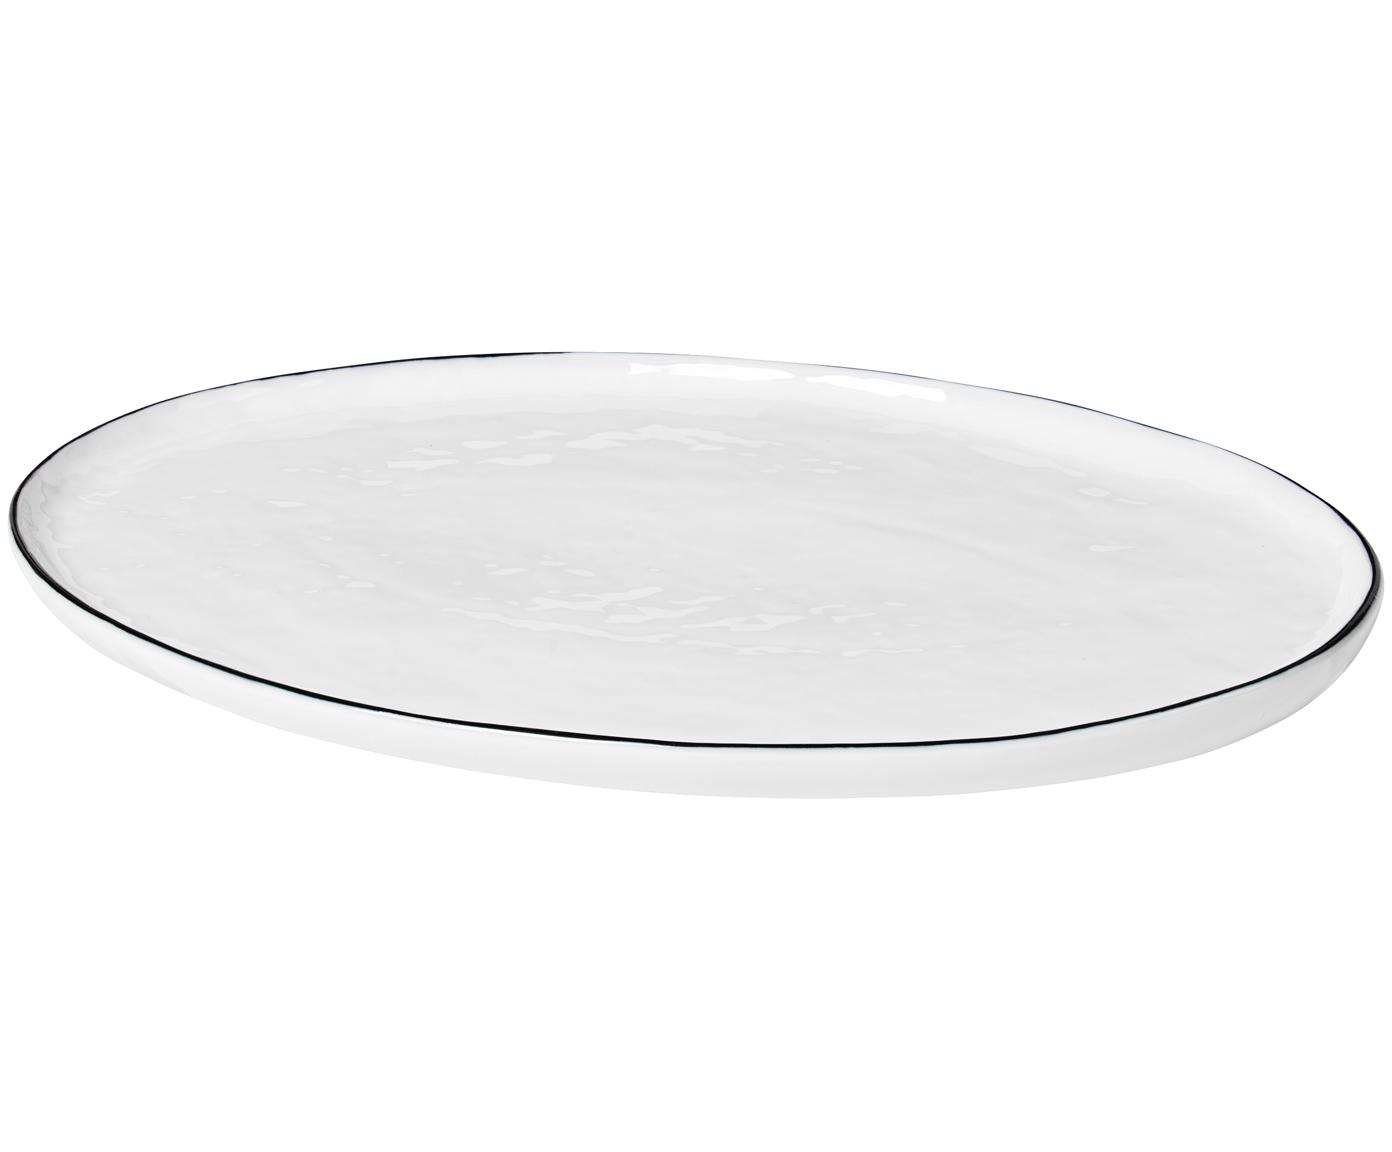 Handgemachte Servierplatte Salt mit schwarzem Rand, Porzellan, Gebrochenes Weiß, Schwarz, 20 x 30 cm